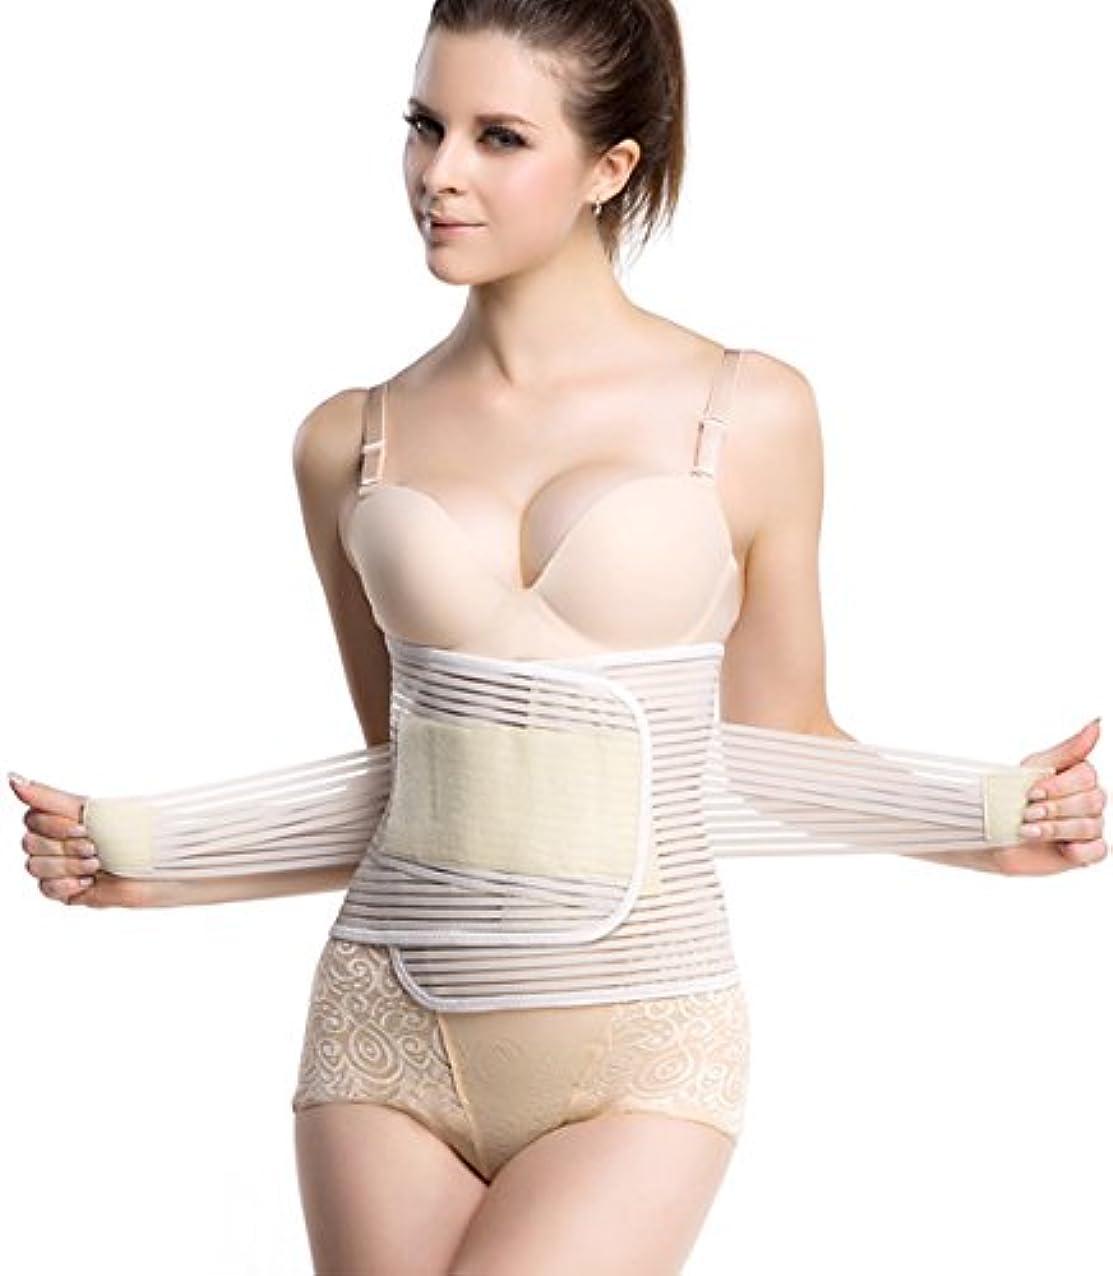 [アイシレ] 腰サポーター 薄型 腰痛ベルト 腰椎保護 通気性抜群 コルセット 男女兼用 ベージュ L